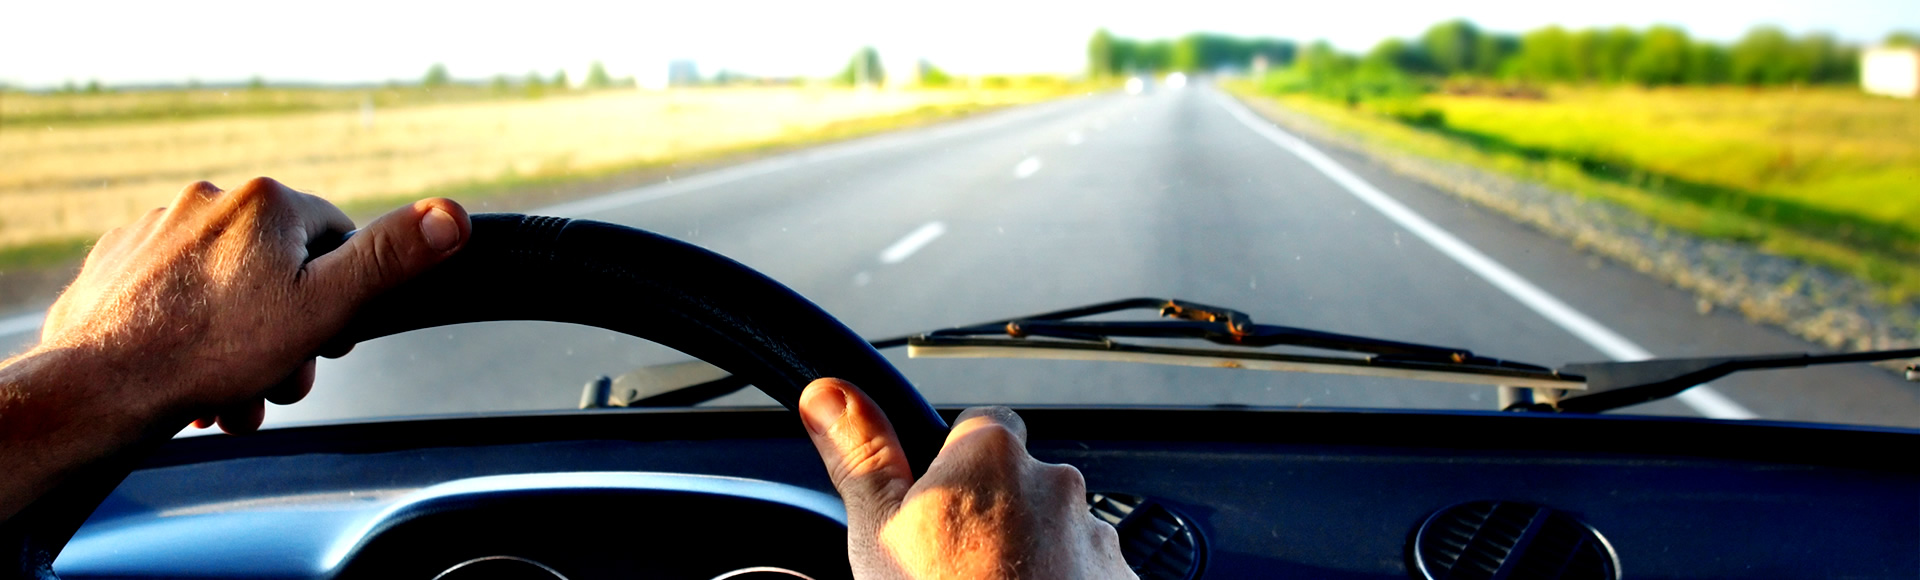 Responsabilità civile auto